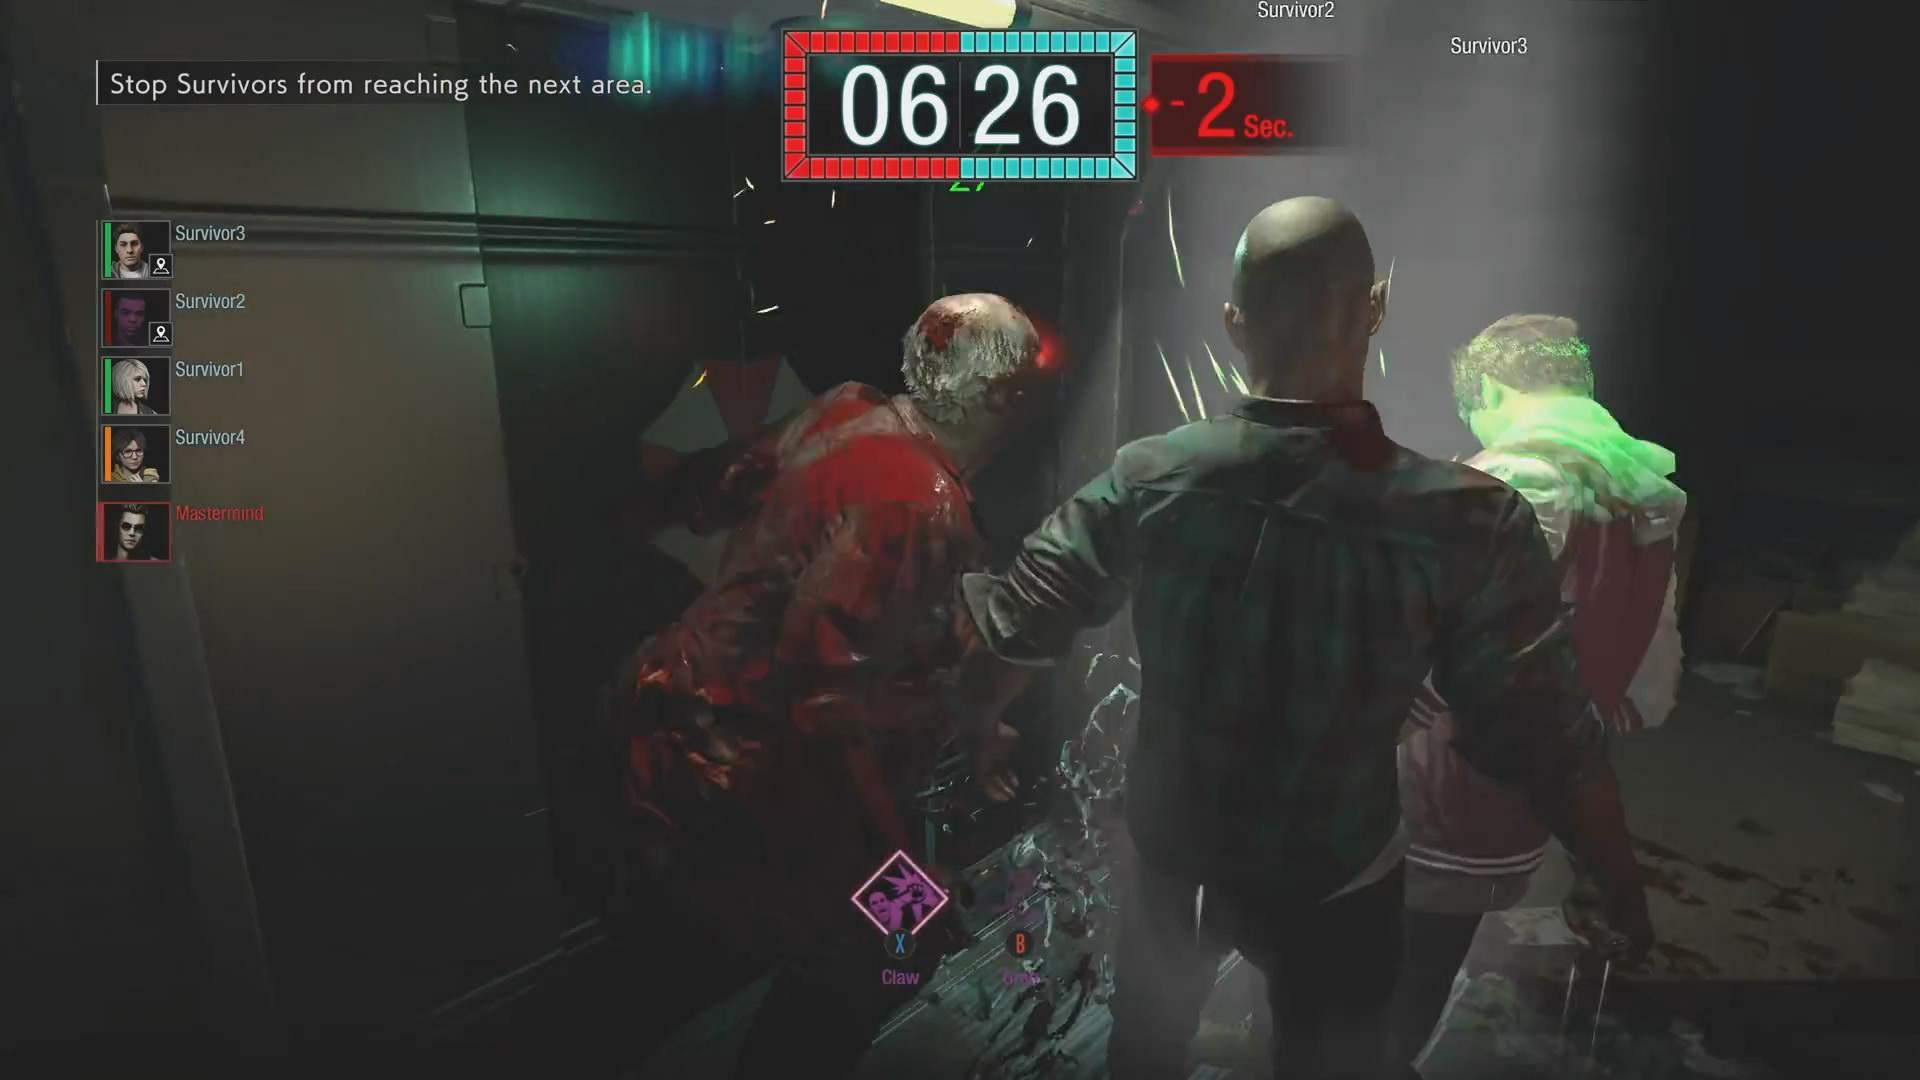 X019:生化新作《抵抗计划》演示 操控暴君杀人